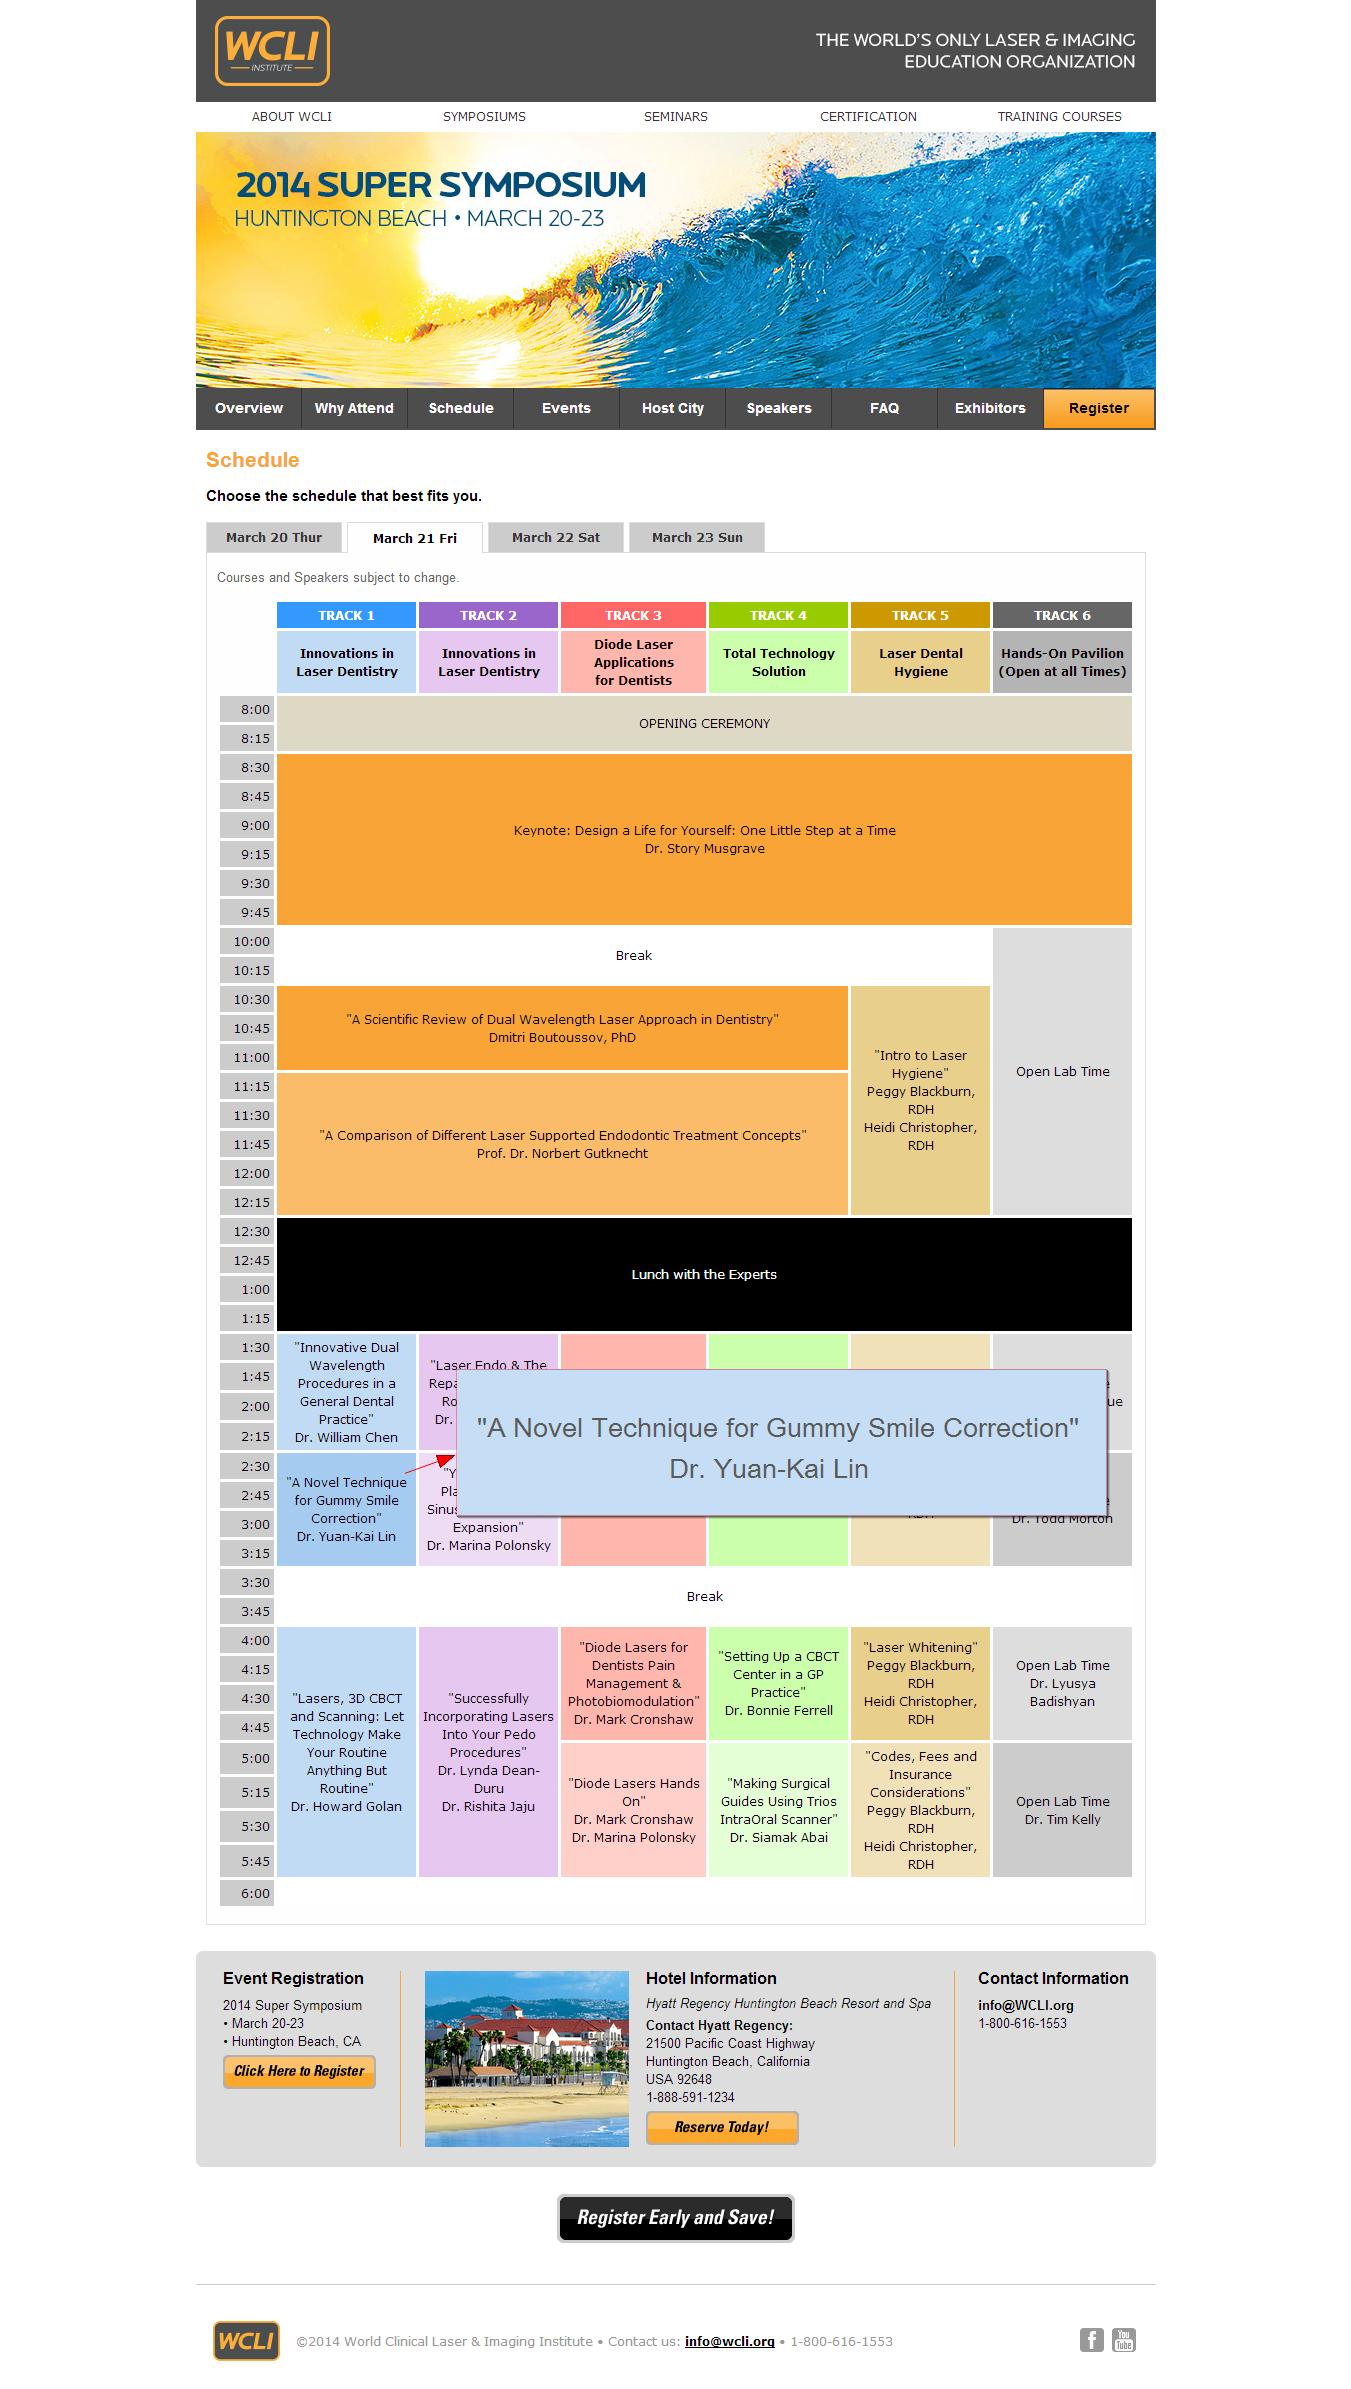 WCLI Schedule 2